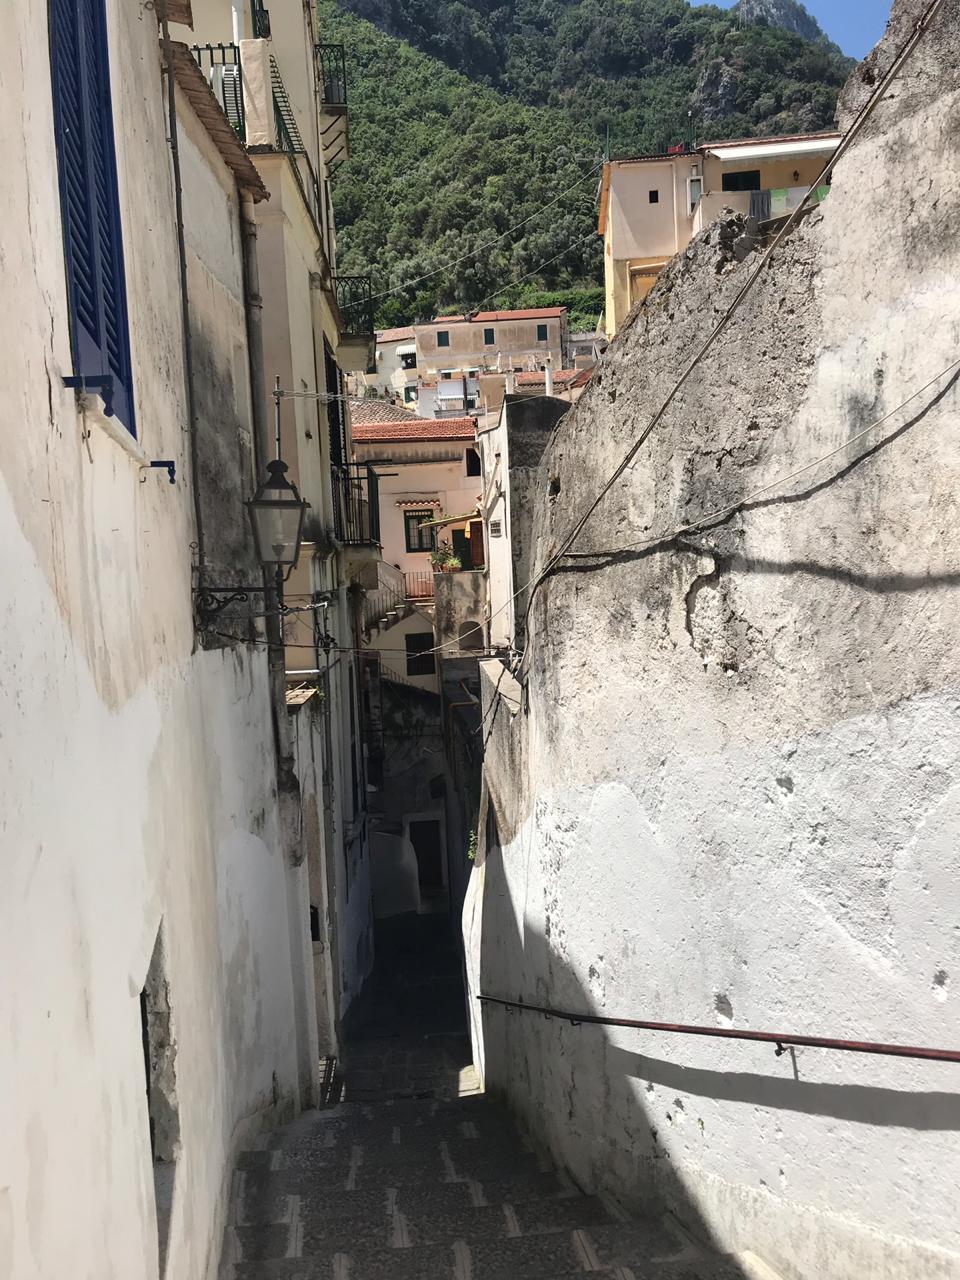 camino secreto escondido de amalfi a atrani italia costa amalfitana ir caminando (27)